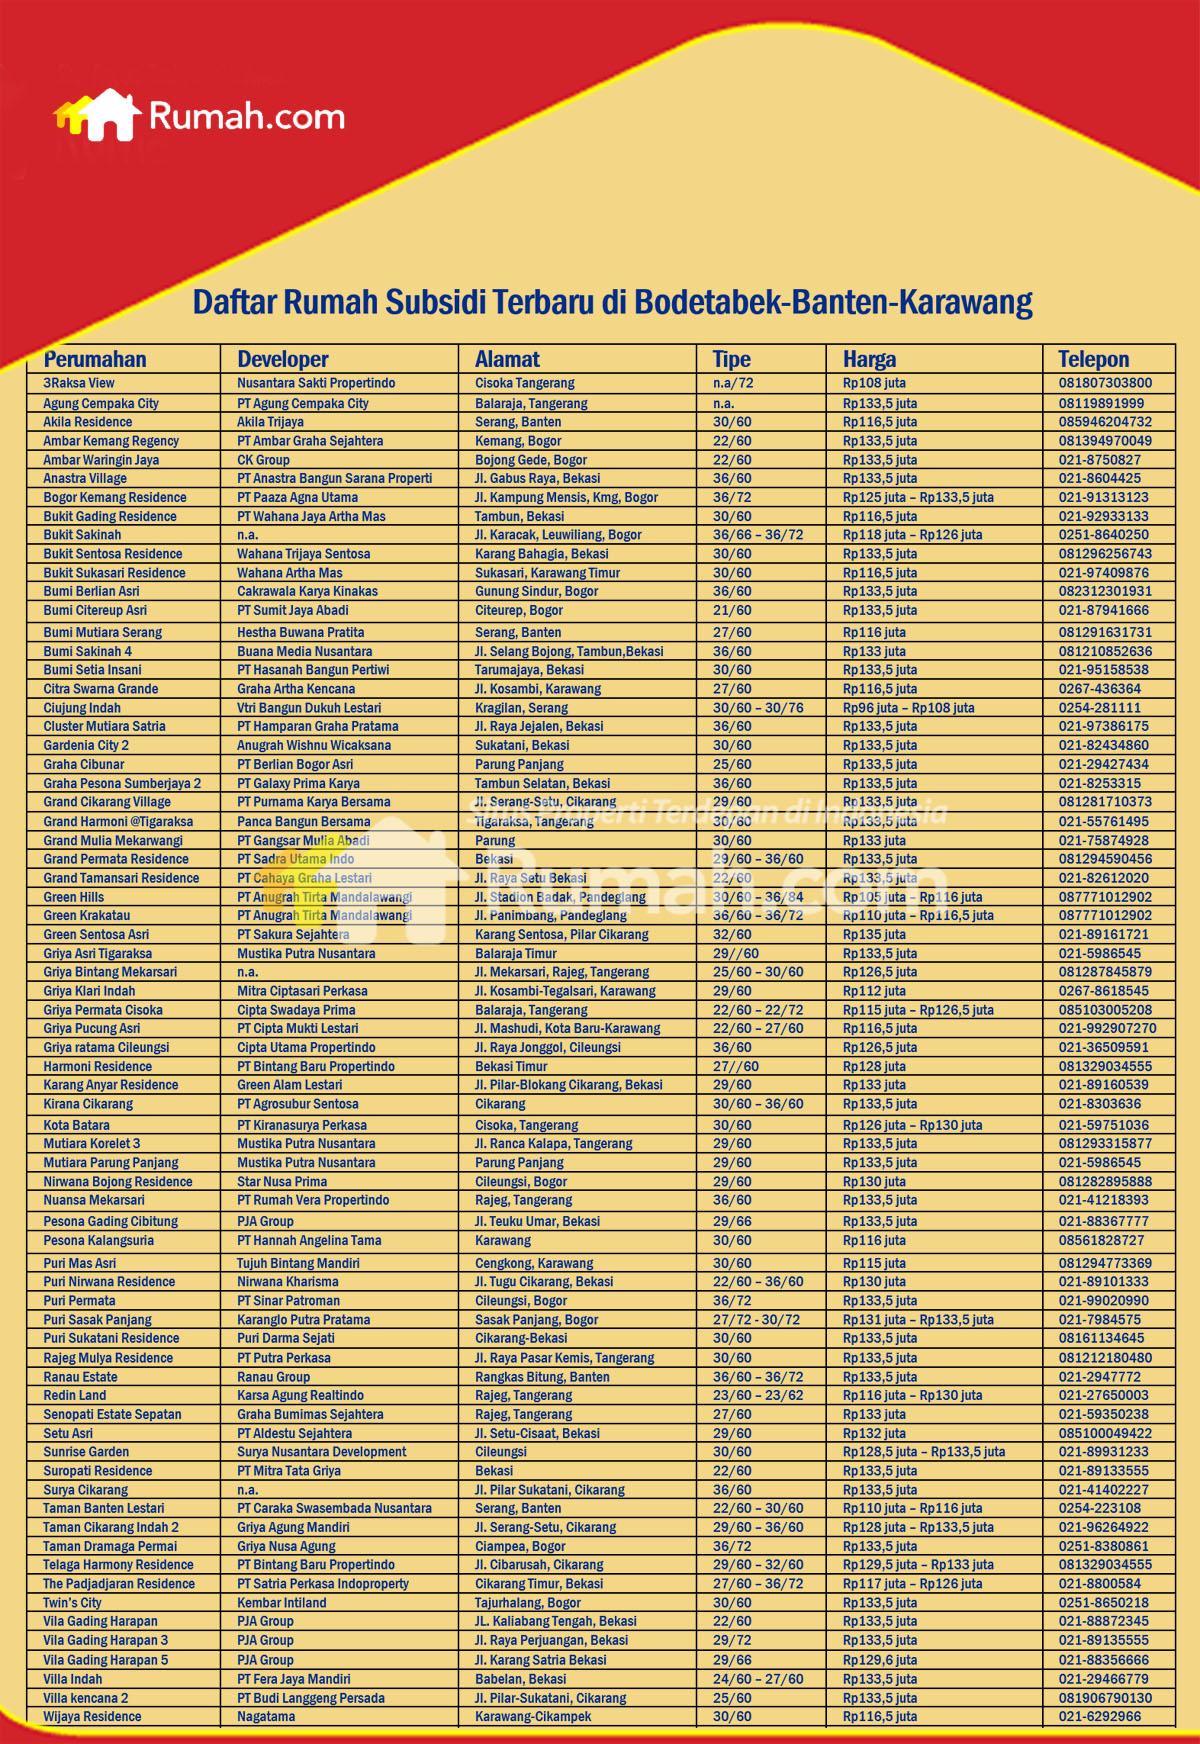 Image Result For Daftar Perumahan Subsidi Pemerintah